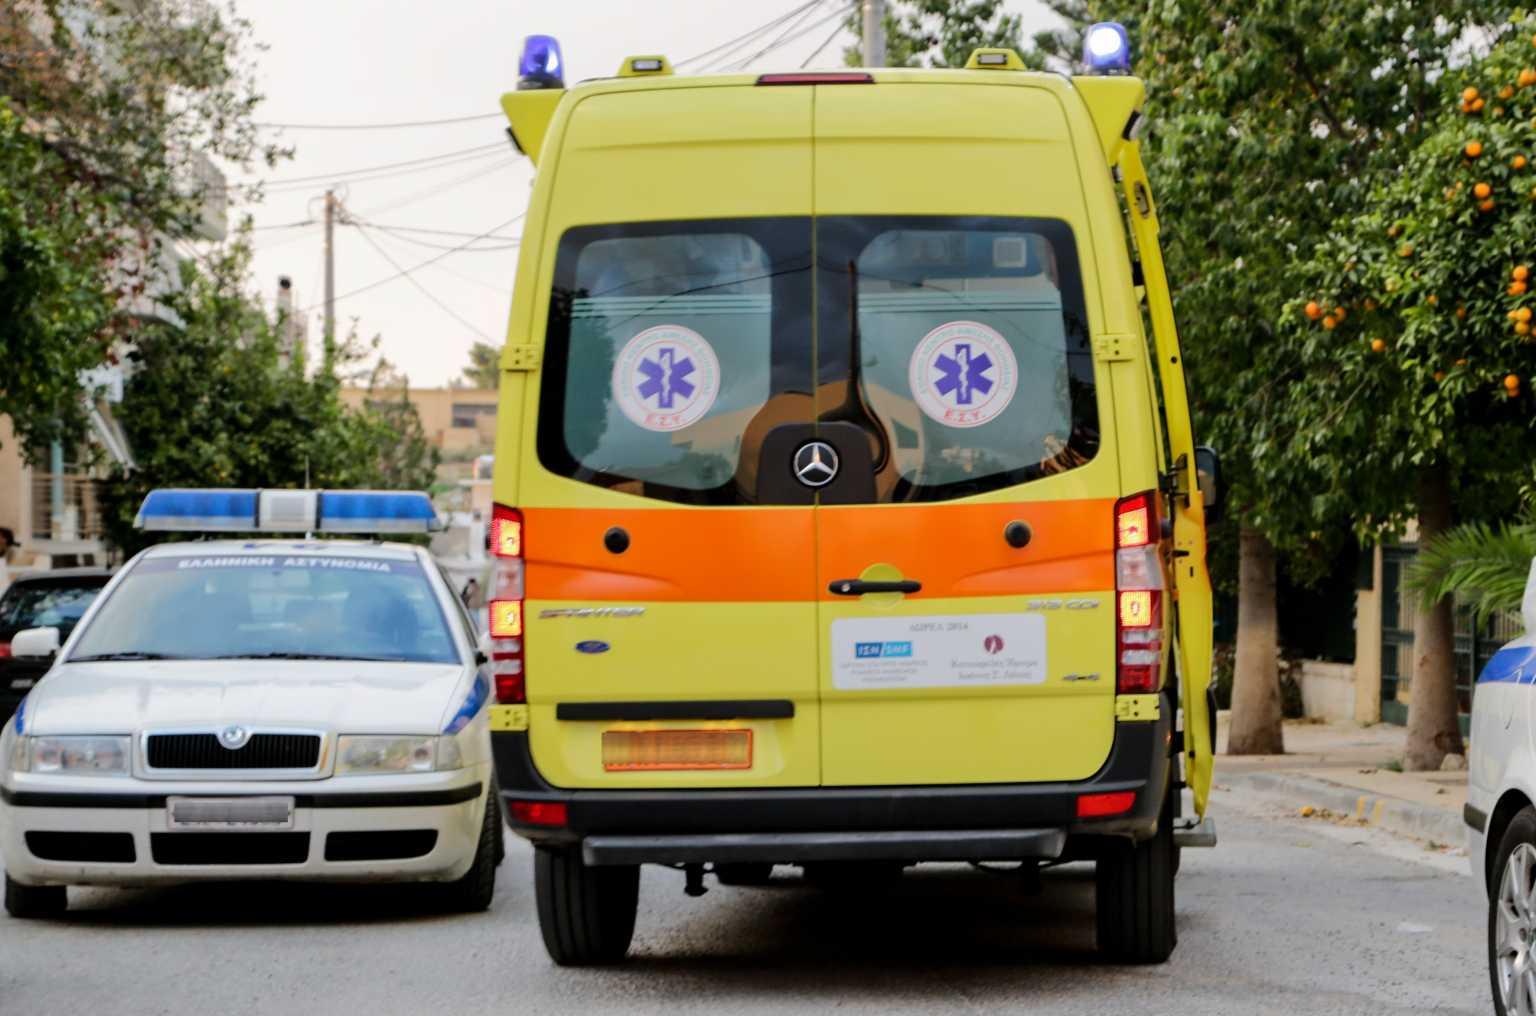 Αλεξανδρούπολη: Τραυματίστηκε σοβαρά κοριτσάκι 2 ετών που έπεσε από τον 4ο όροφο πολυκατοικίας